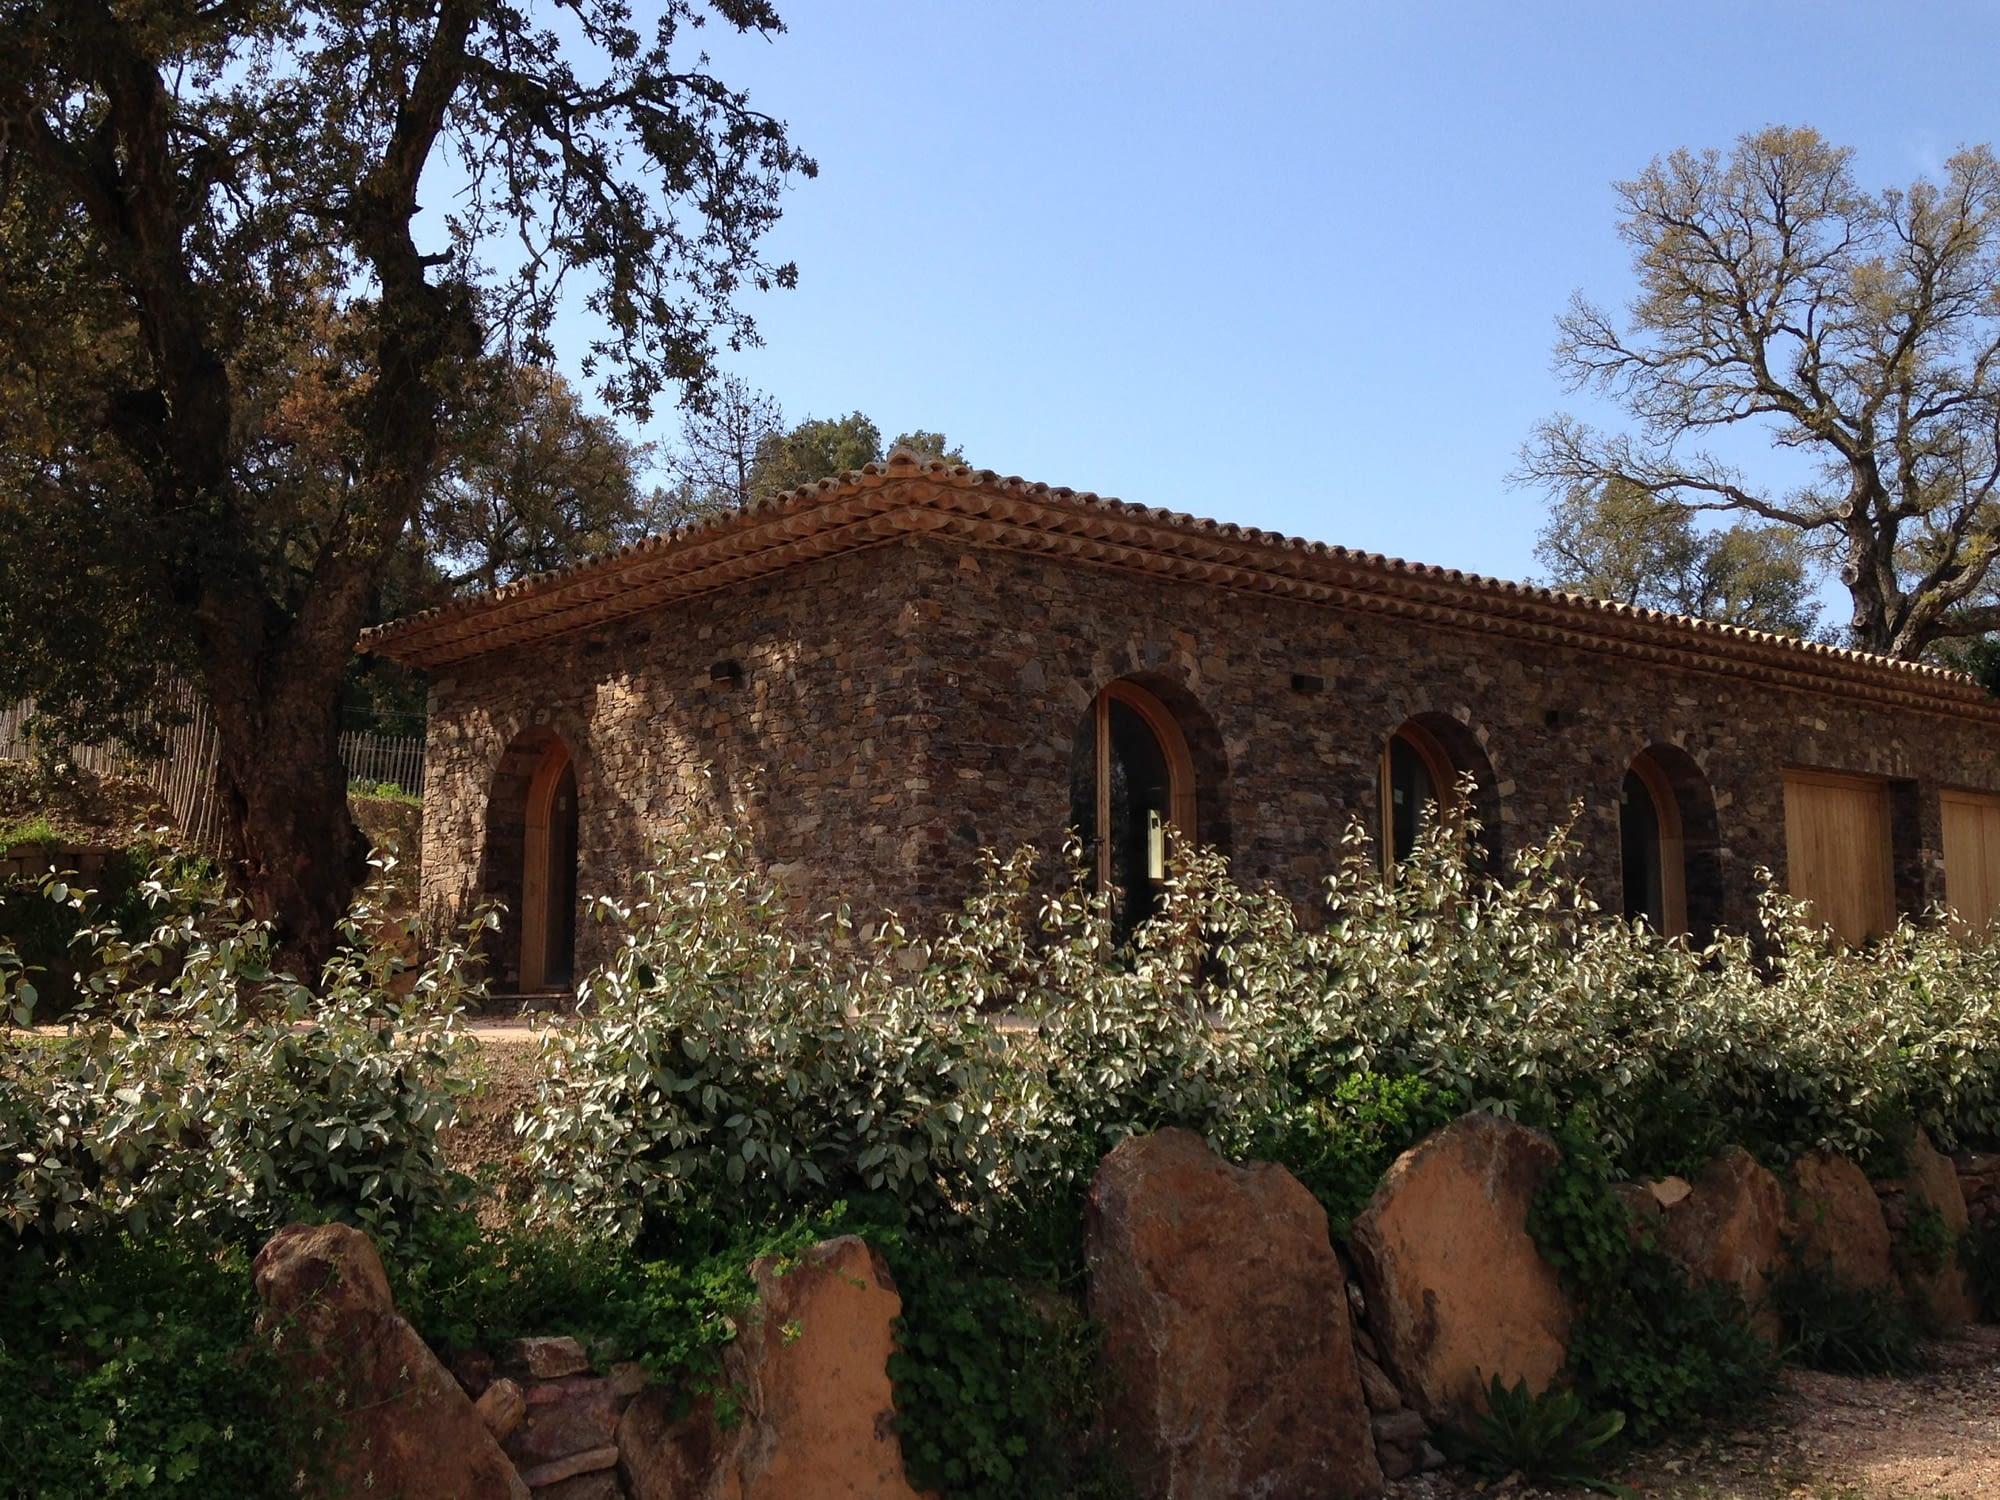 Façade exterieur dans Le potager / Exterior facade of the house Le Potager